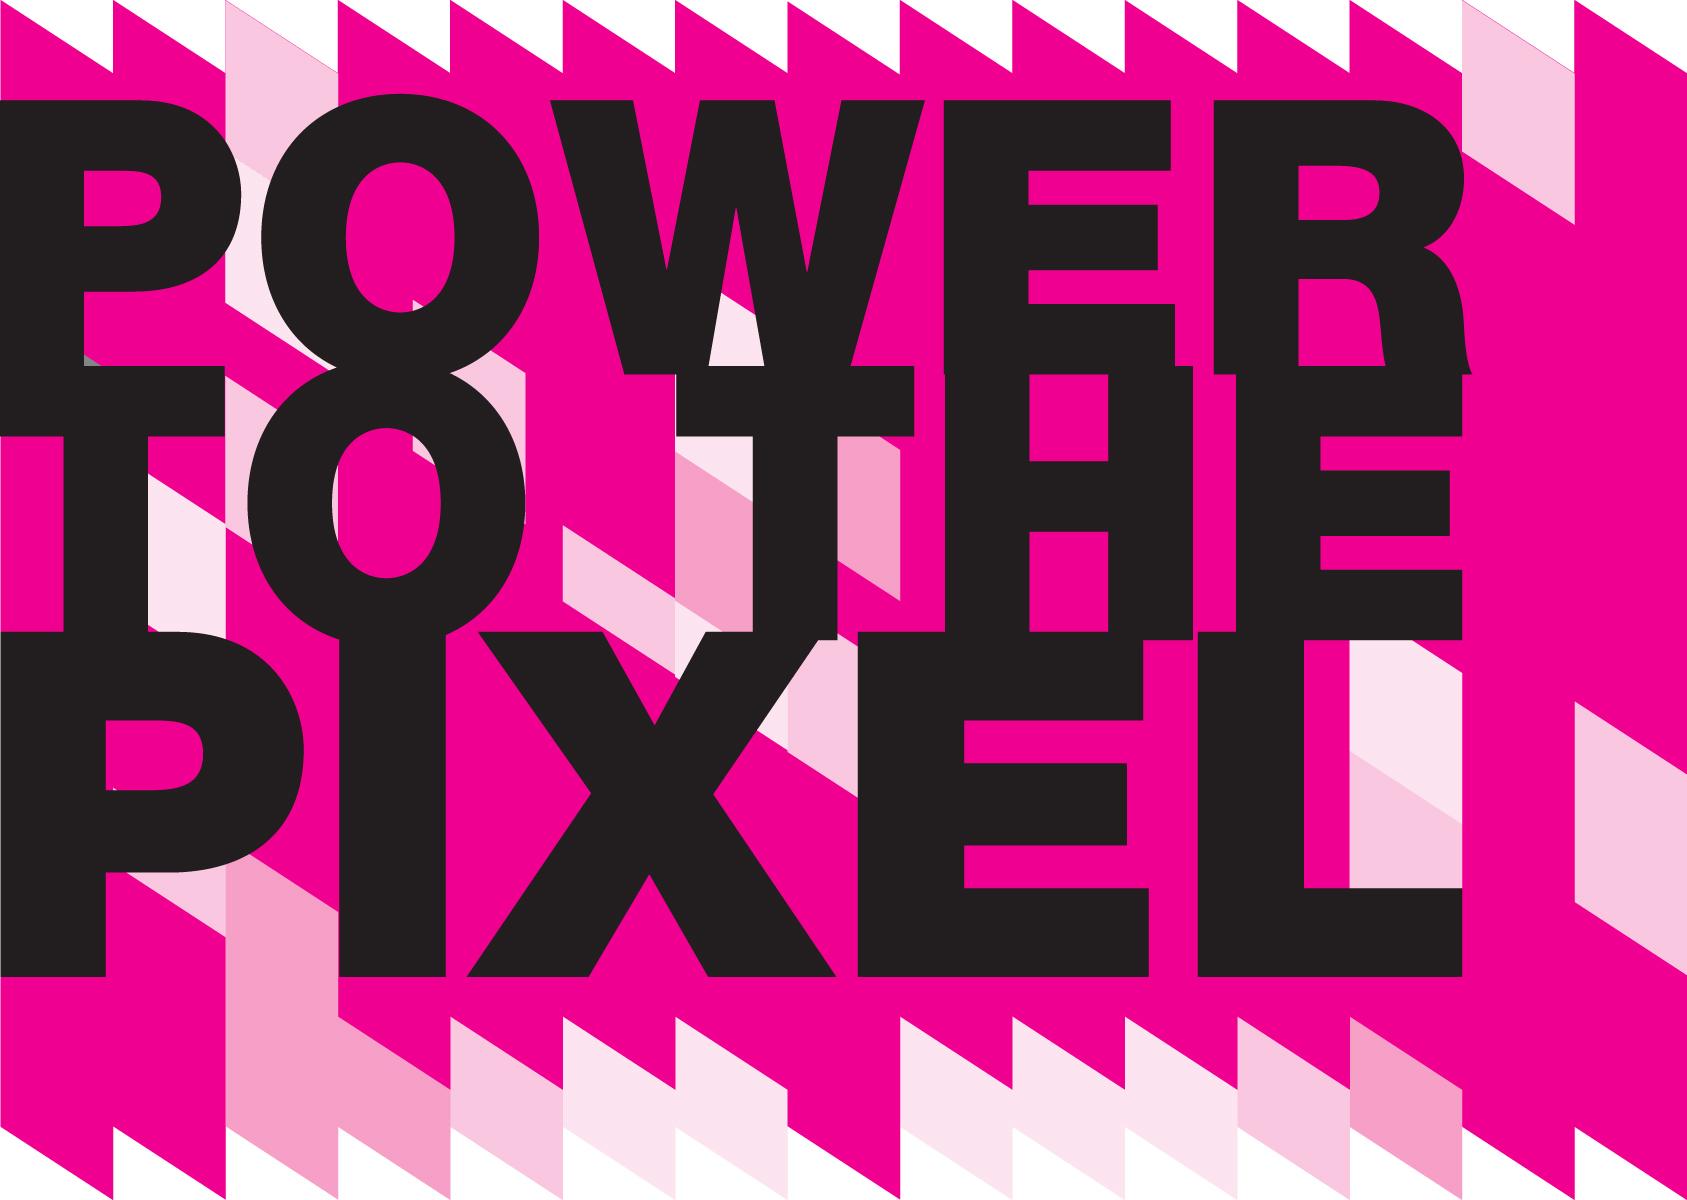 powertothepixel.png